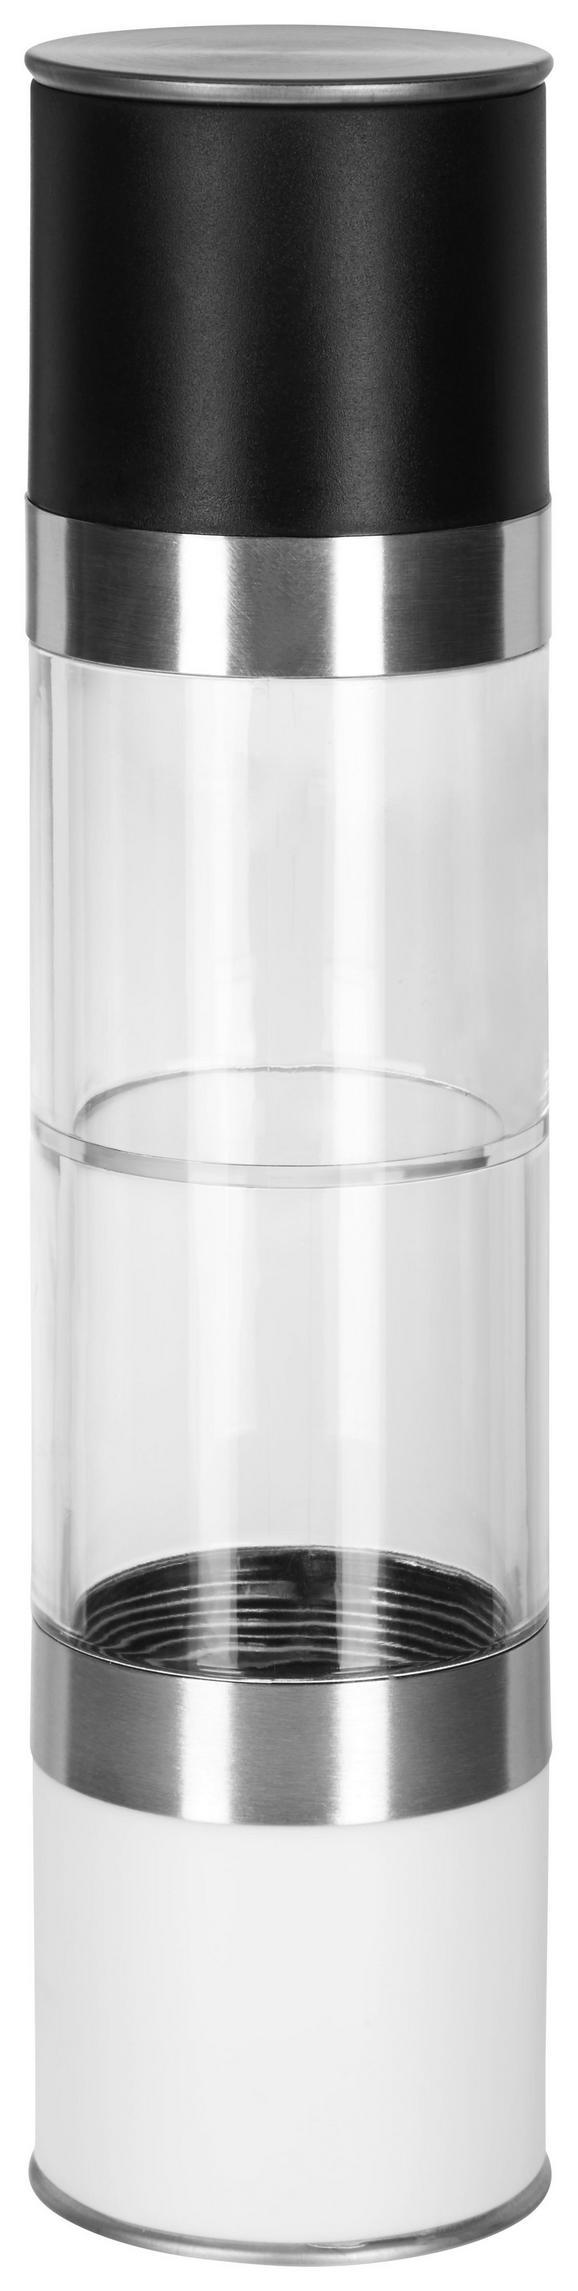 Salz- und Pfefferstreuer Pippa Schwarz/Weiß - Edelstahlfarben/Transparent, Keramik/Kunststoff (5/22cm) - Mömax modern living